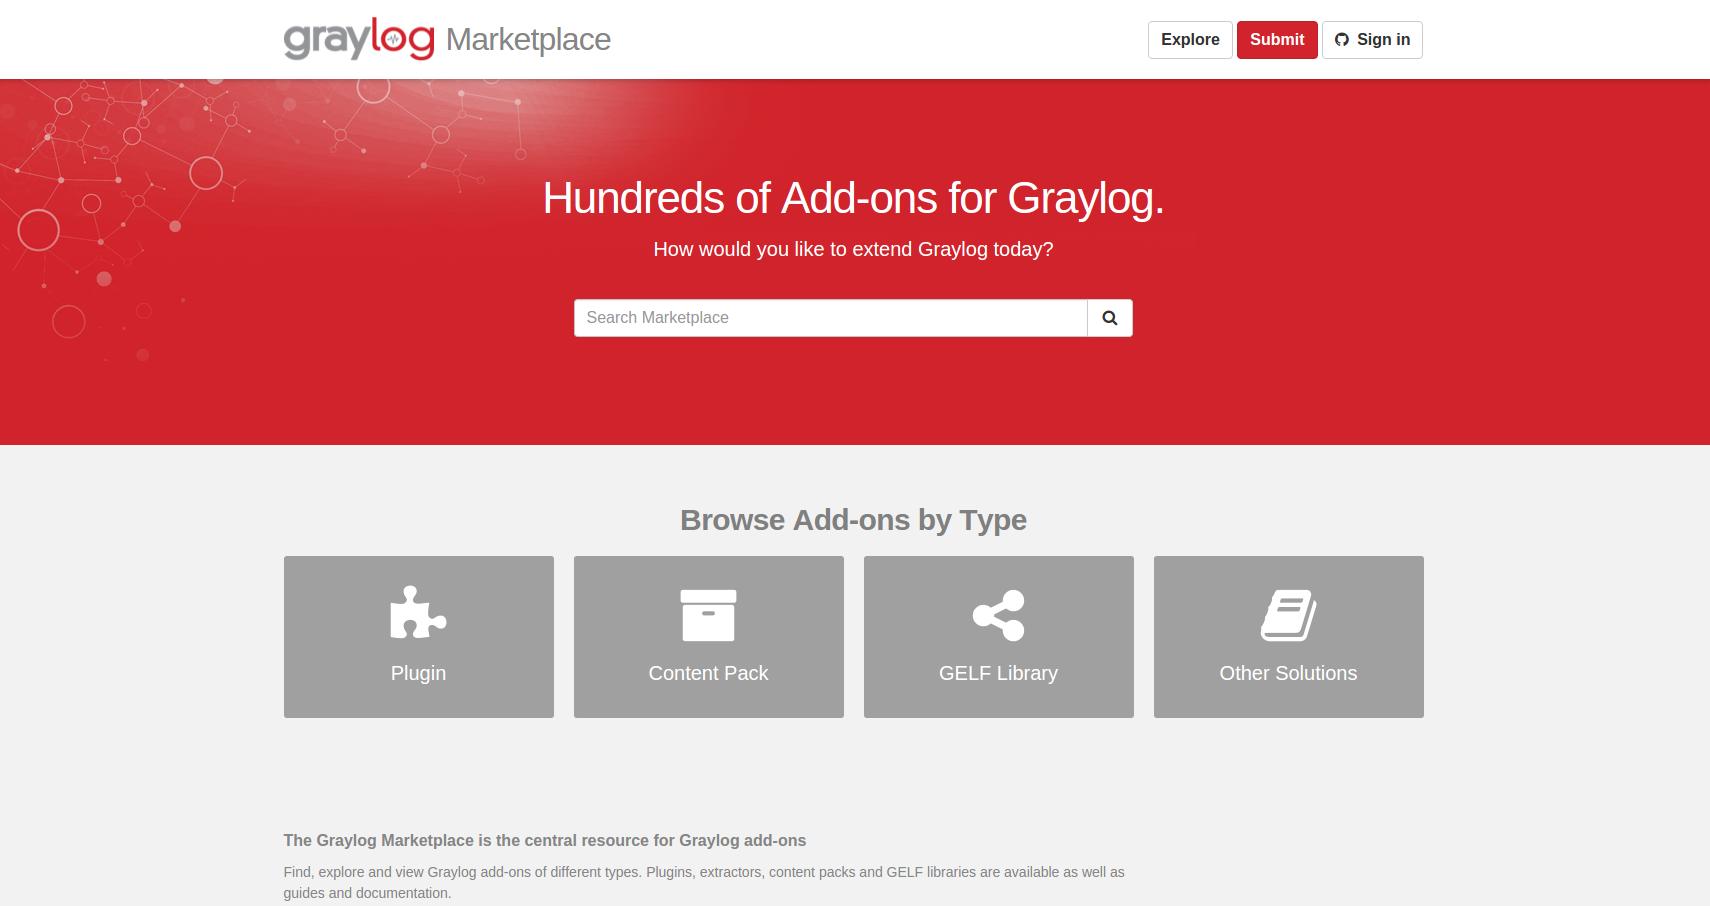 graylog_marketplace